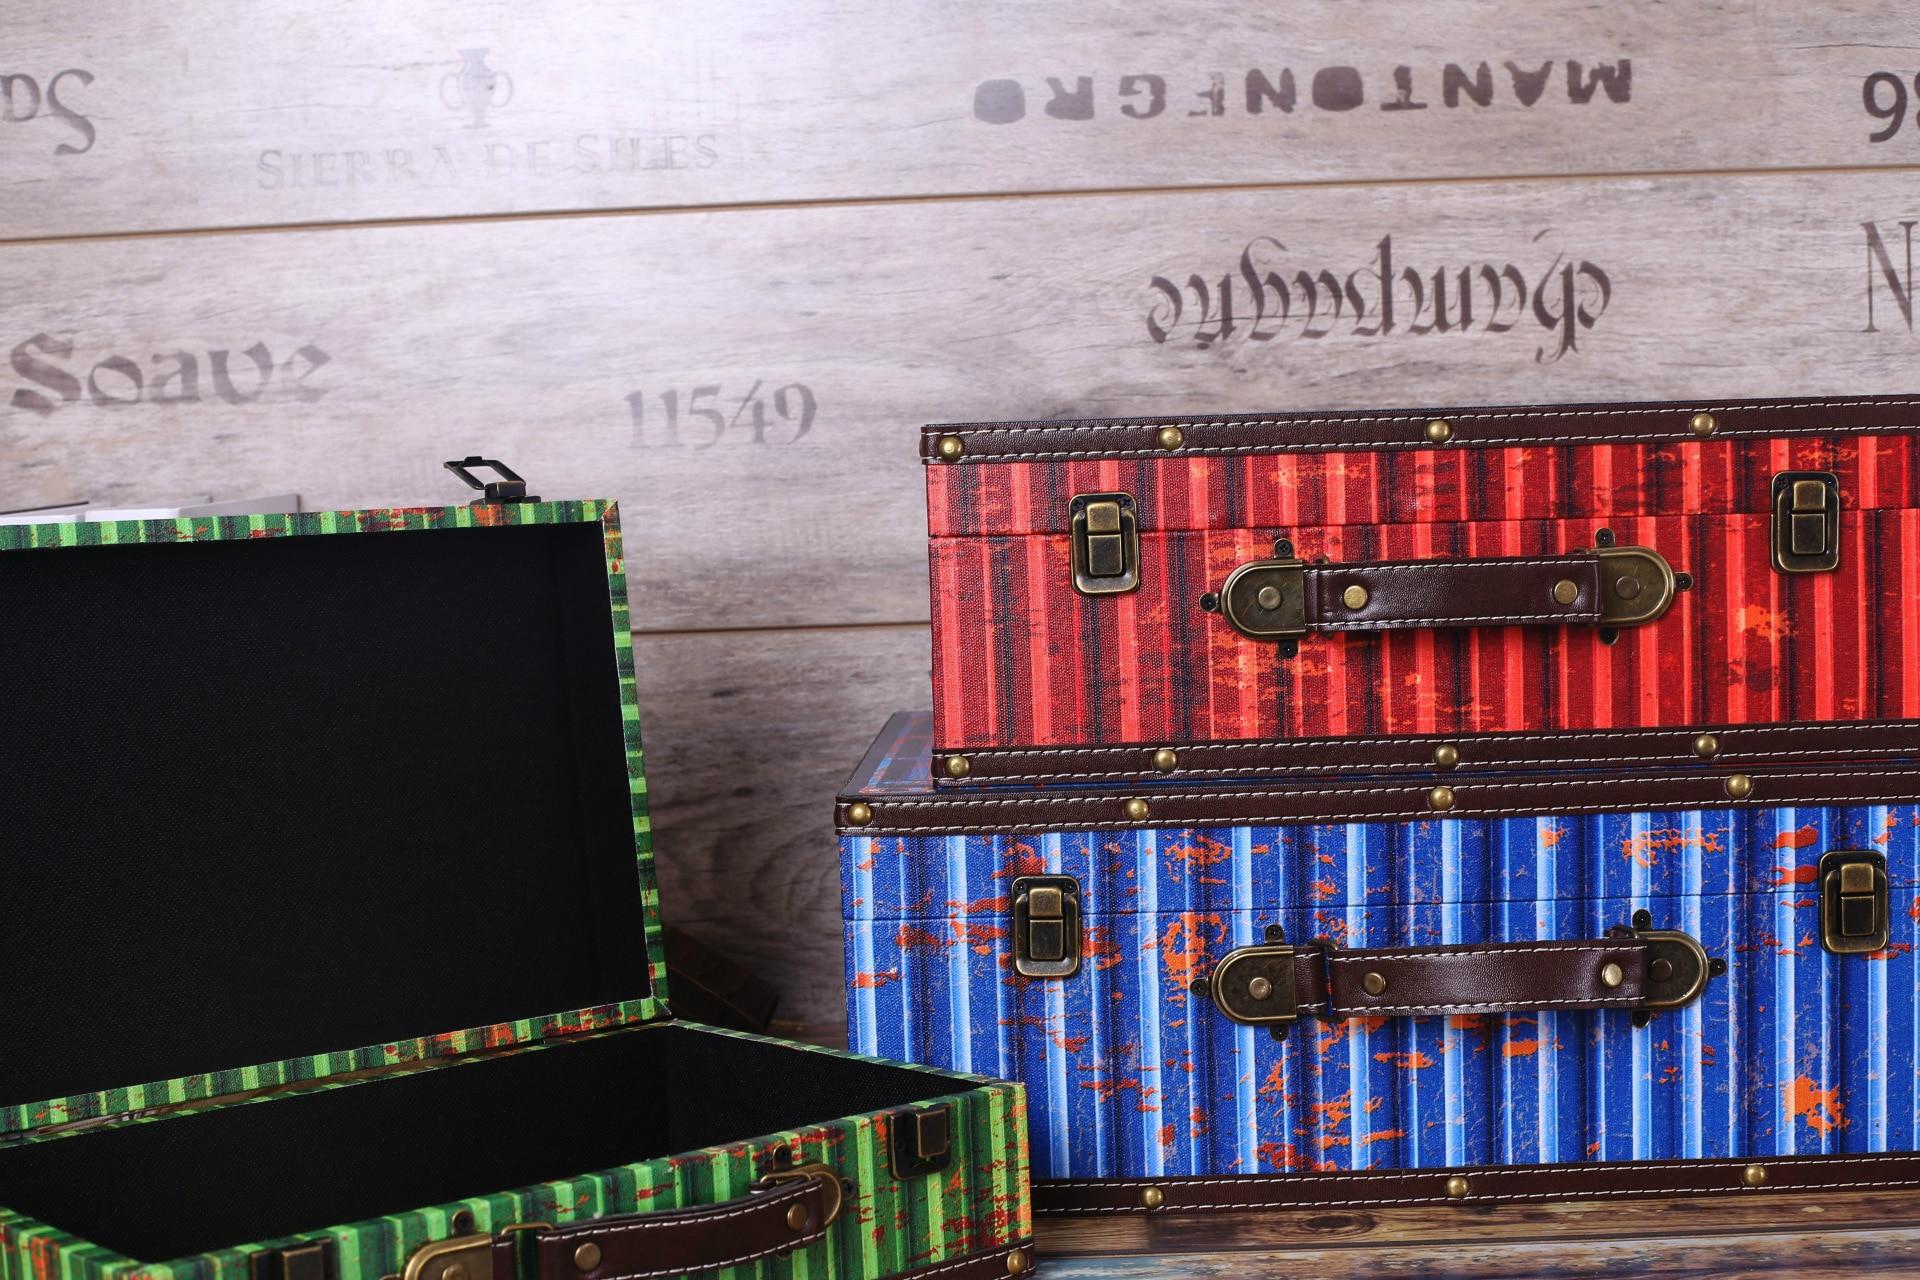 Rétro Boîte De Rangement Vintage Home Decor Shabby Chic En Bois Boîtes Bar Café Boutique Décoration Tir Props - 3